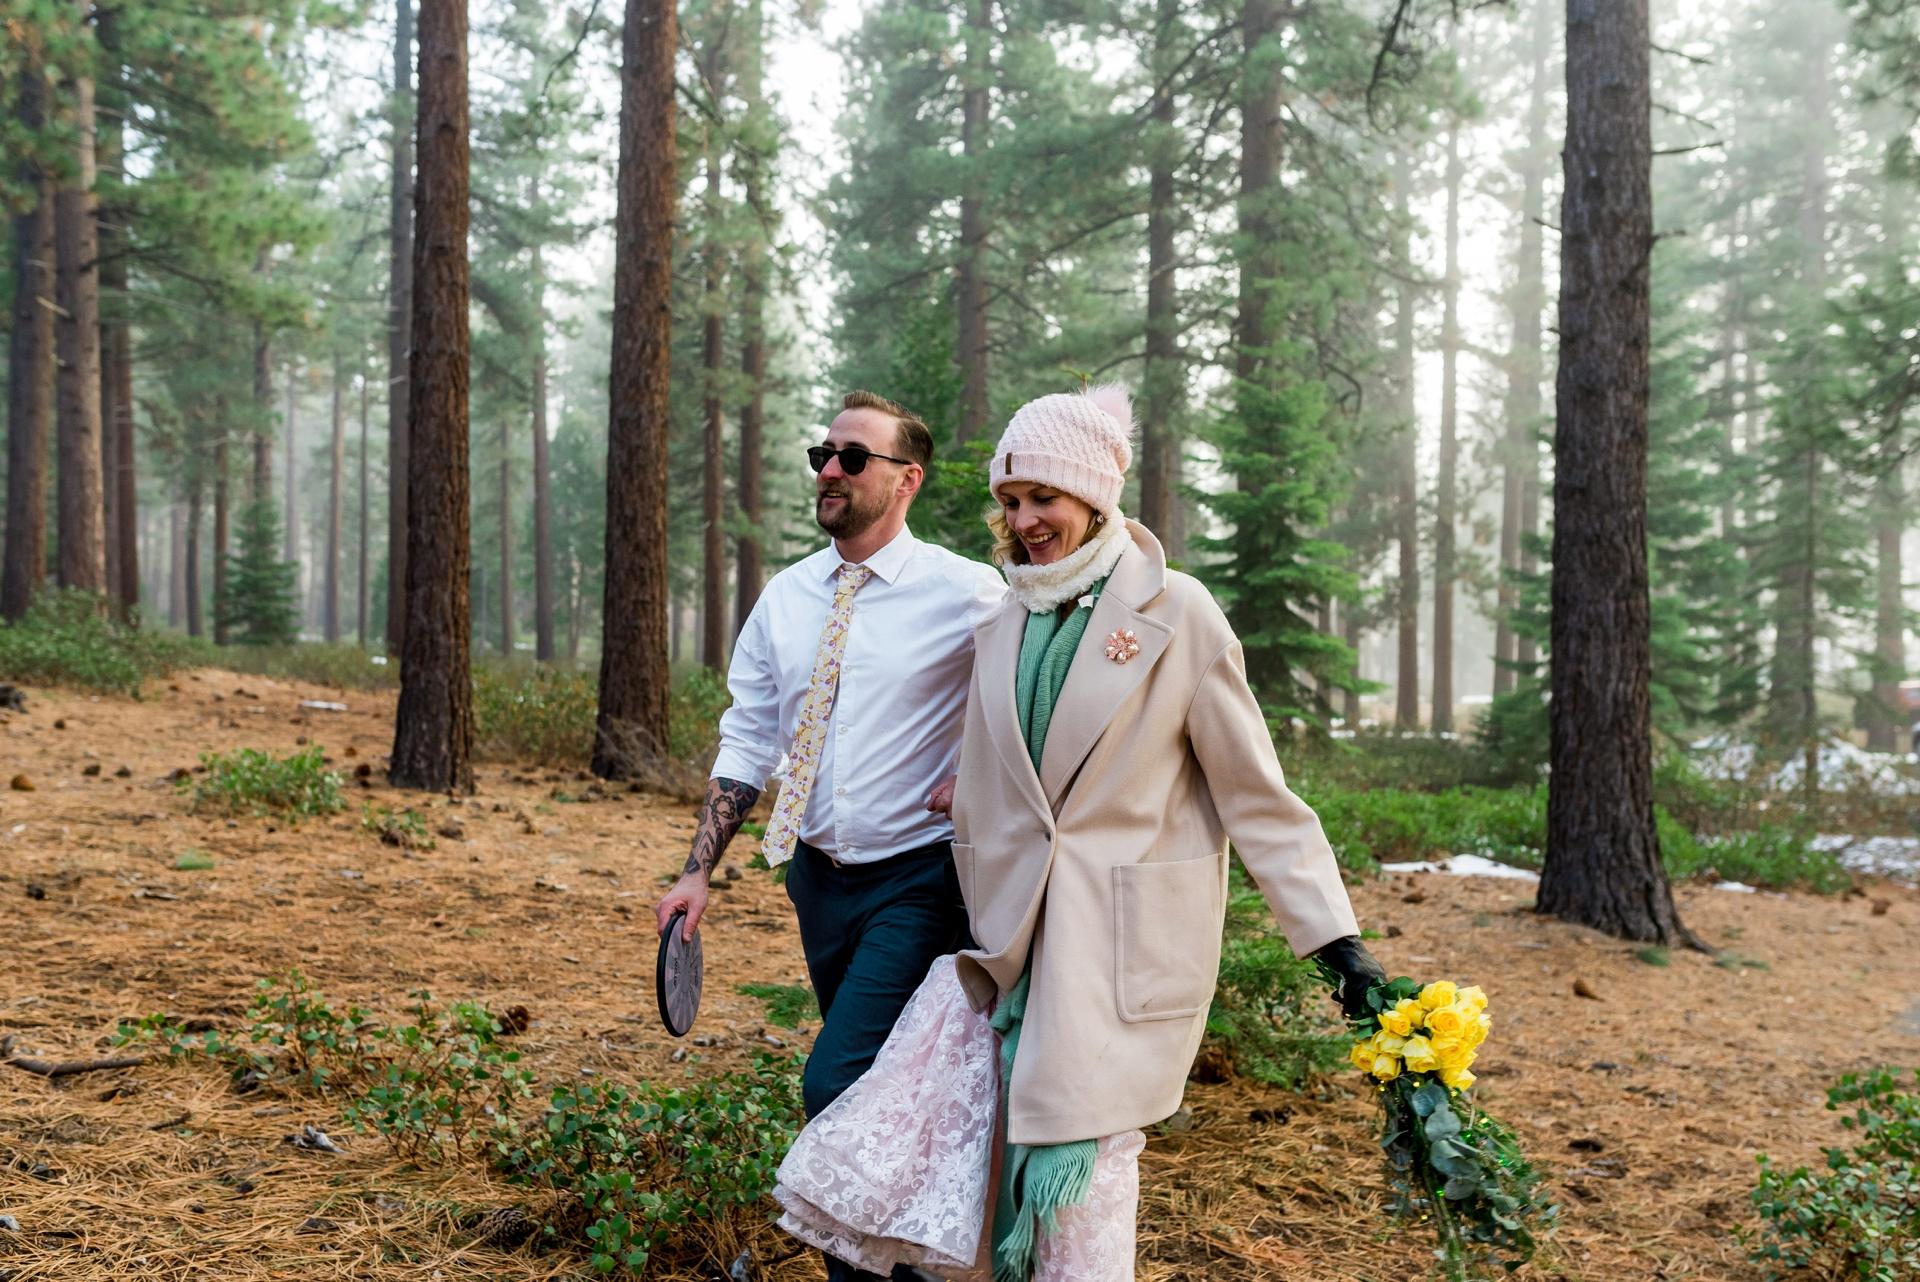 Zephyr Cove, Nevada photographie de mariage - Les mariés marchent ensemble sur le parcours de disc golf pour leur fuite privée.